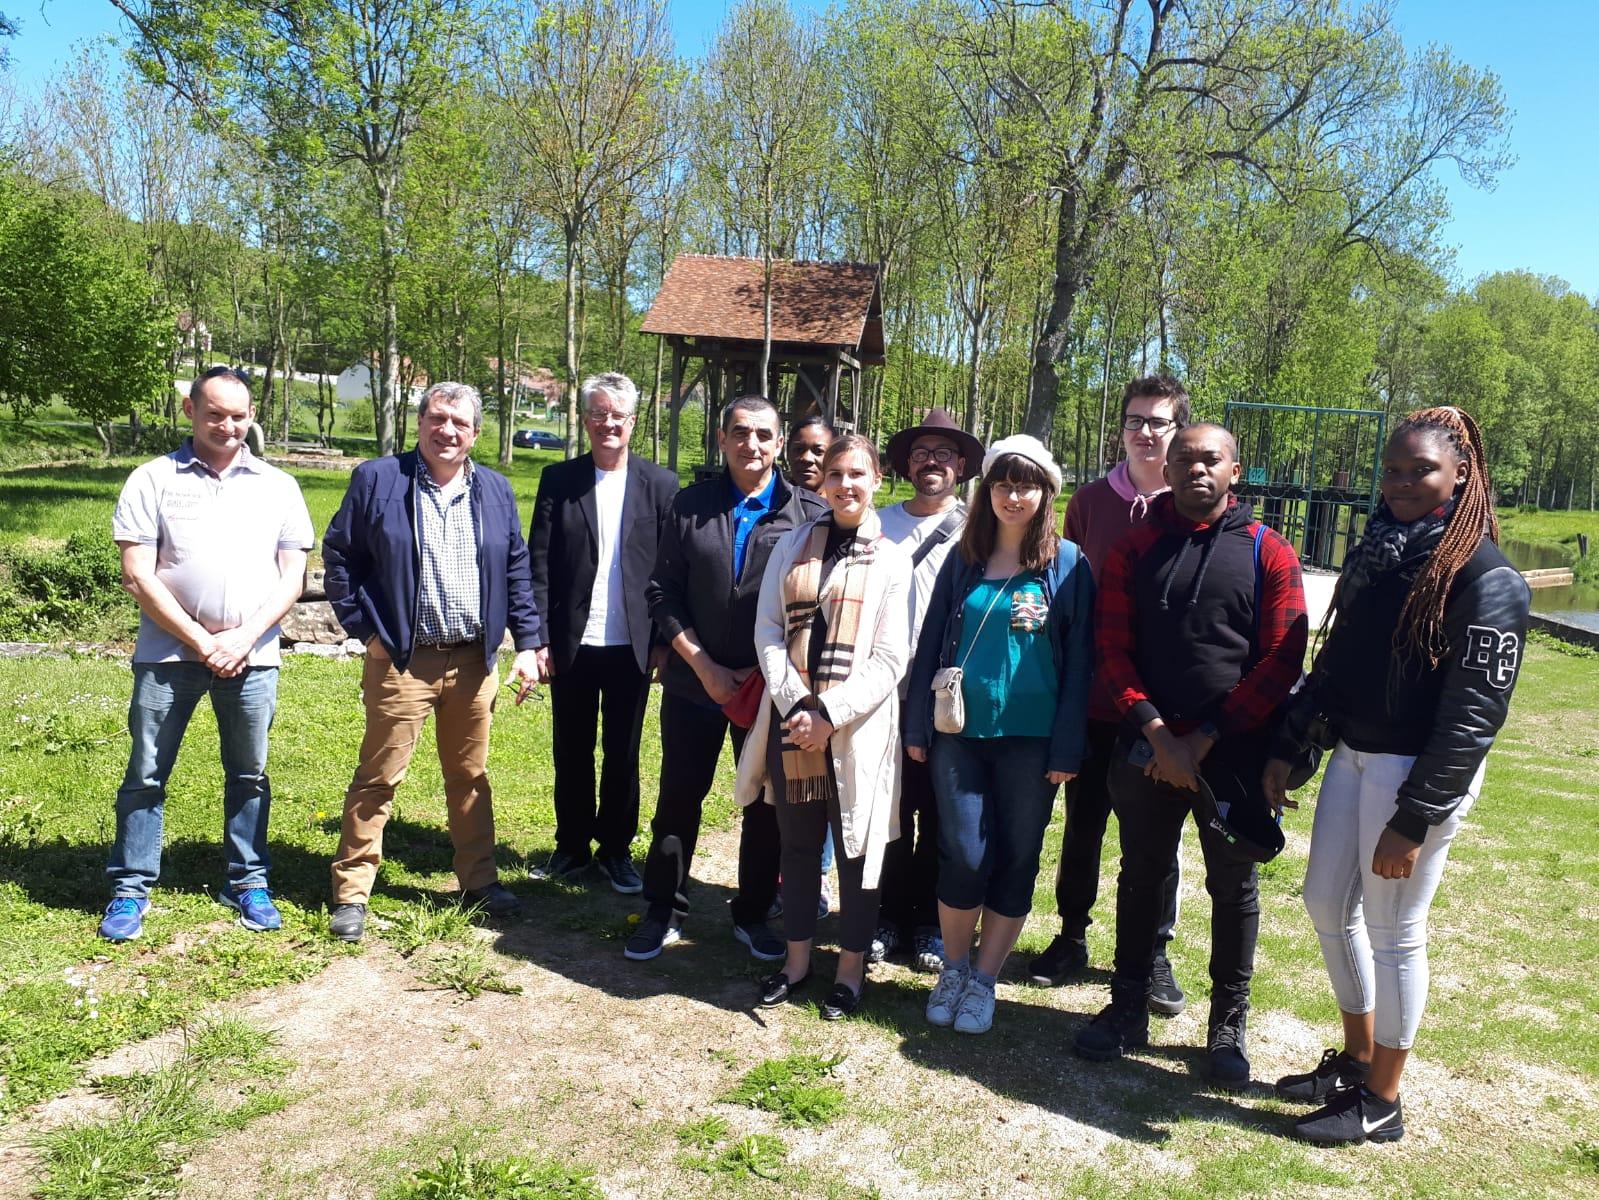 Visite d'un moulin en France par les étudiants et les chefs de La Cité.